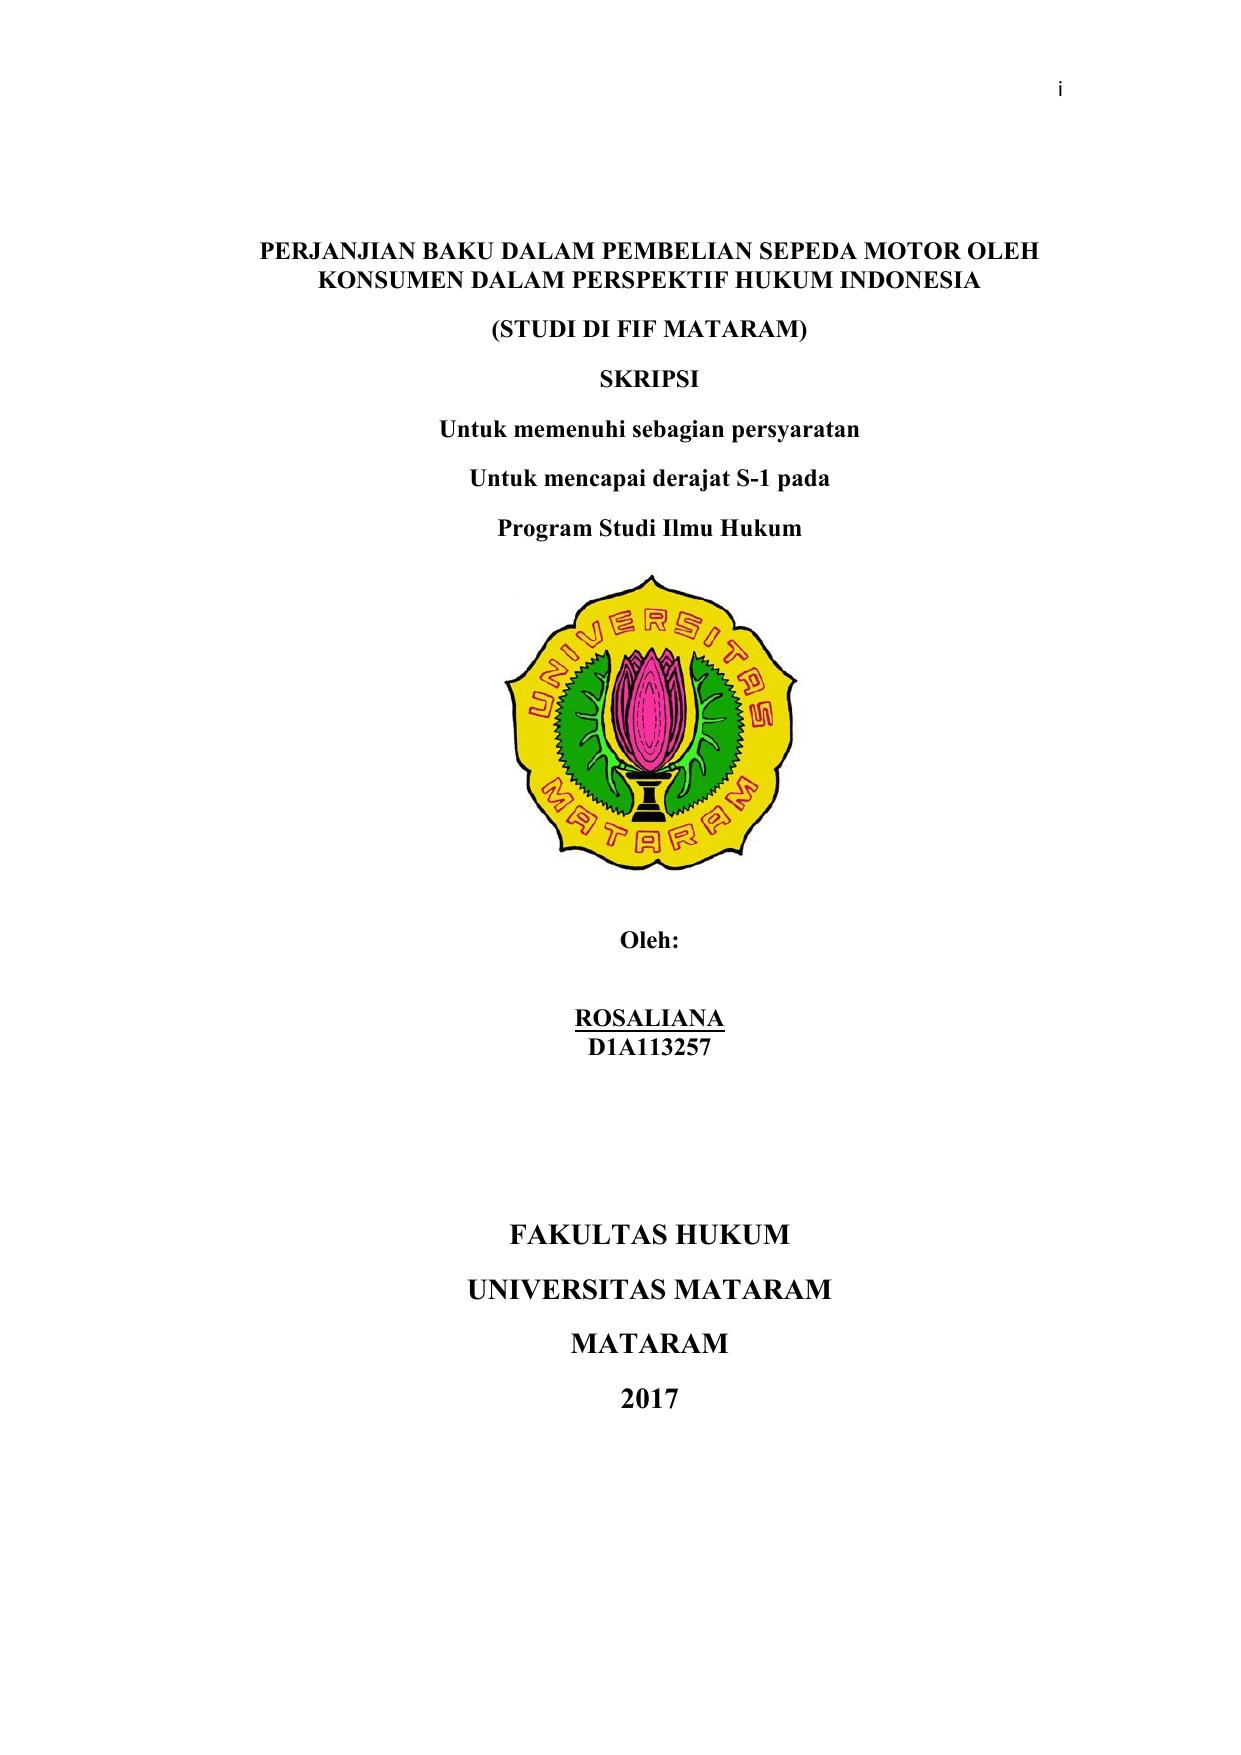 Fakultas Hukum Universitas Mataram Mataram 2017